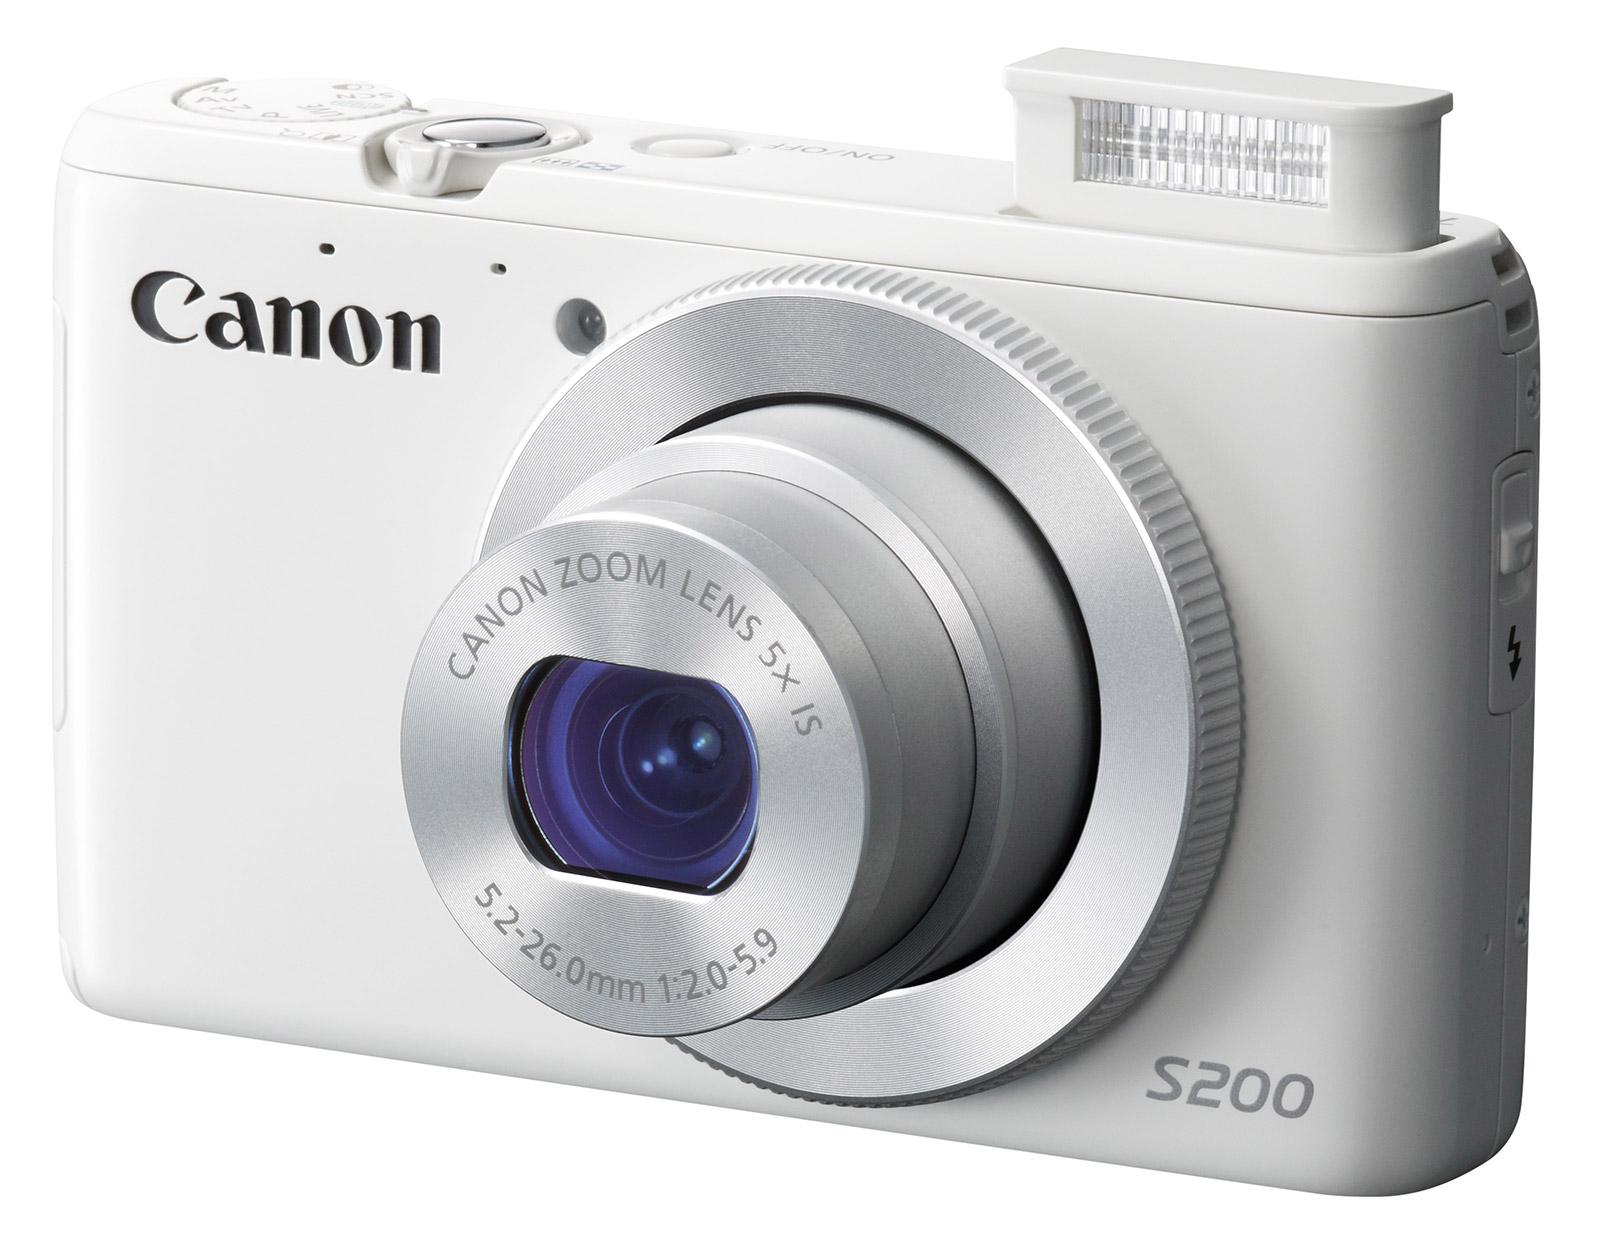 Canon Bringt Neue Powershot Und Ixus Modelle Cp 2014 G1 X Mark Ii Paket S200 In Kompaktem Design Bildmaterial